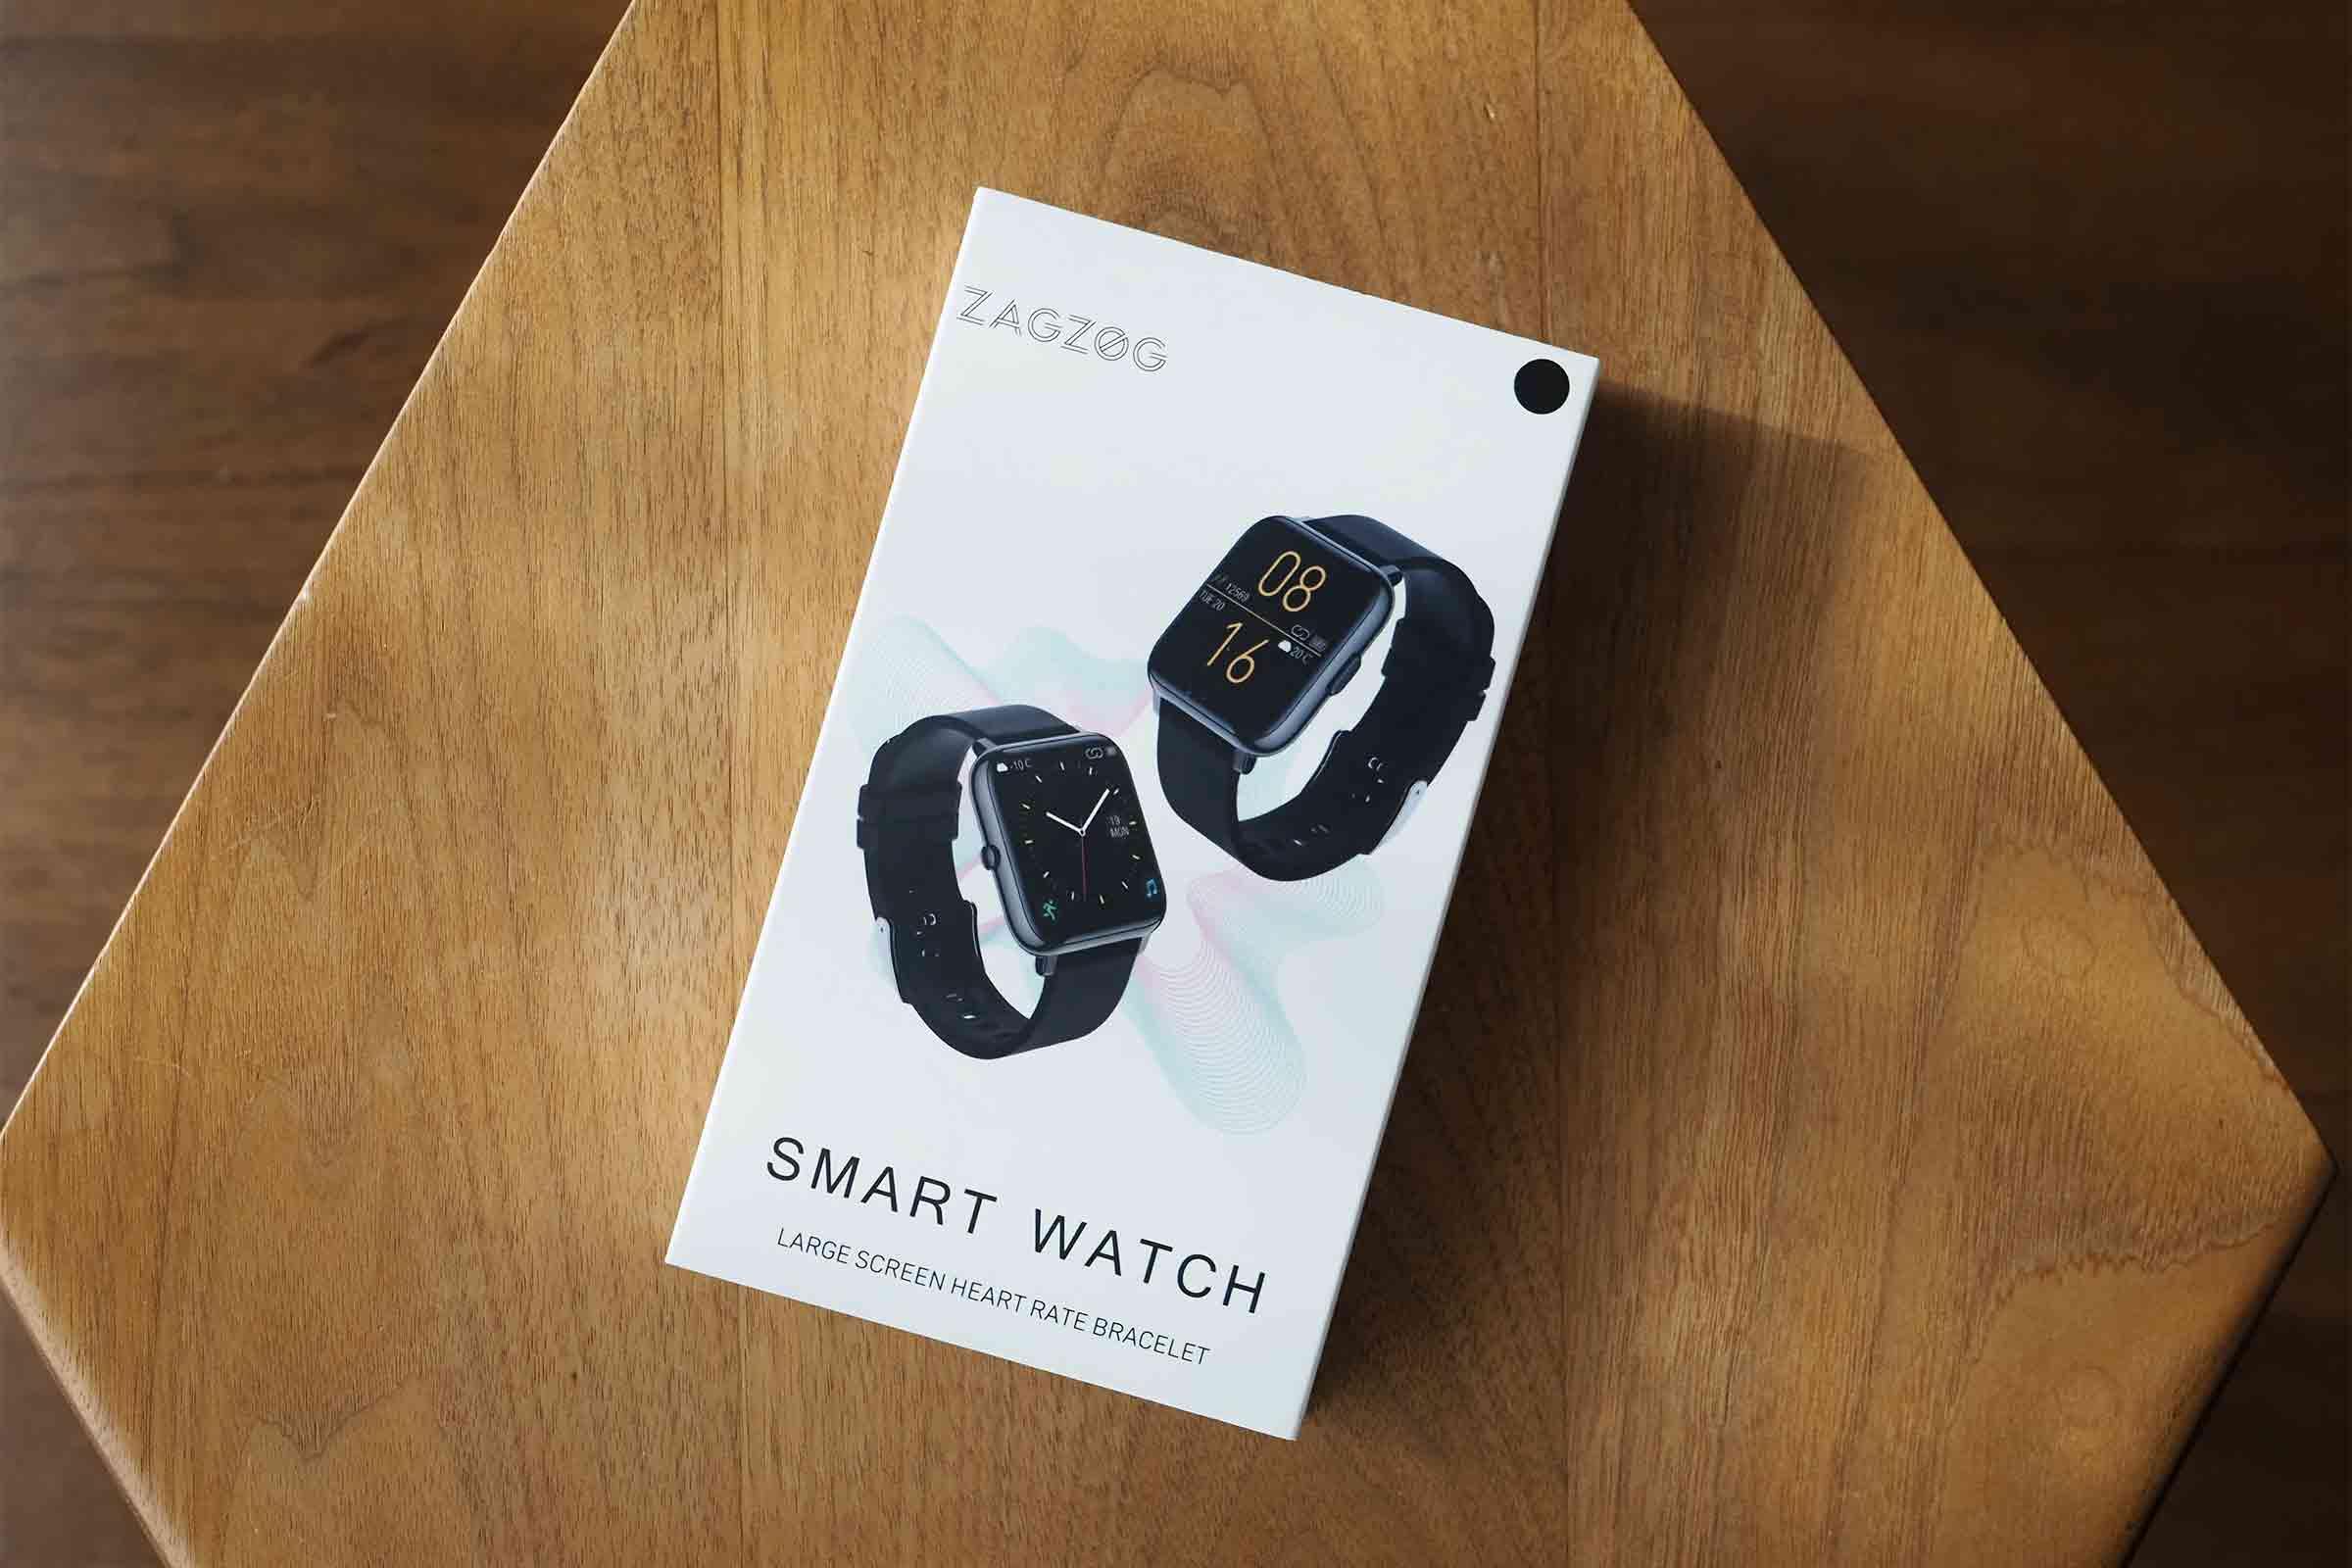 スマートウォッチ,Apple Watch,apple,高機能,安い,中華,パッケージ,Z12